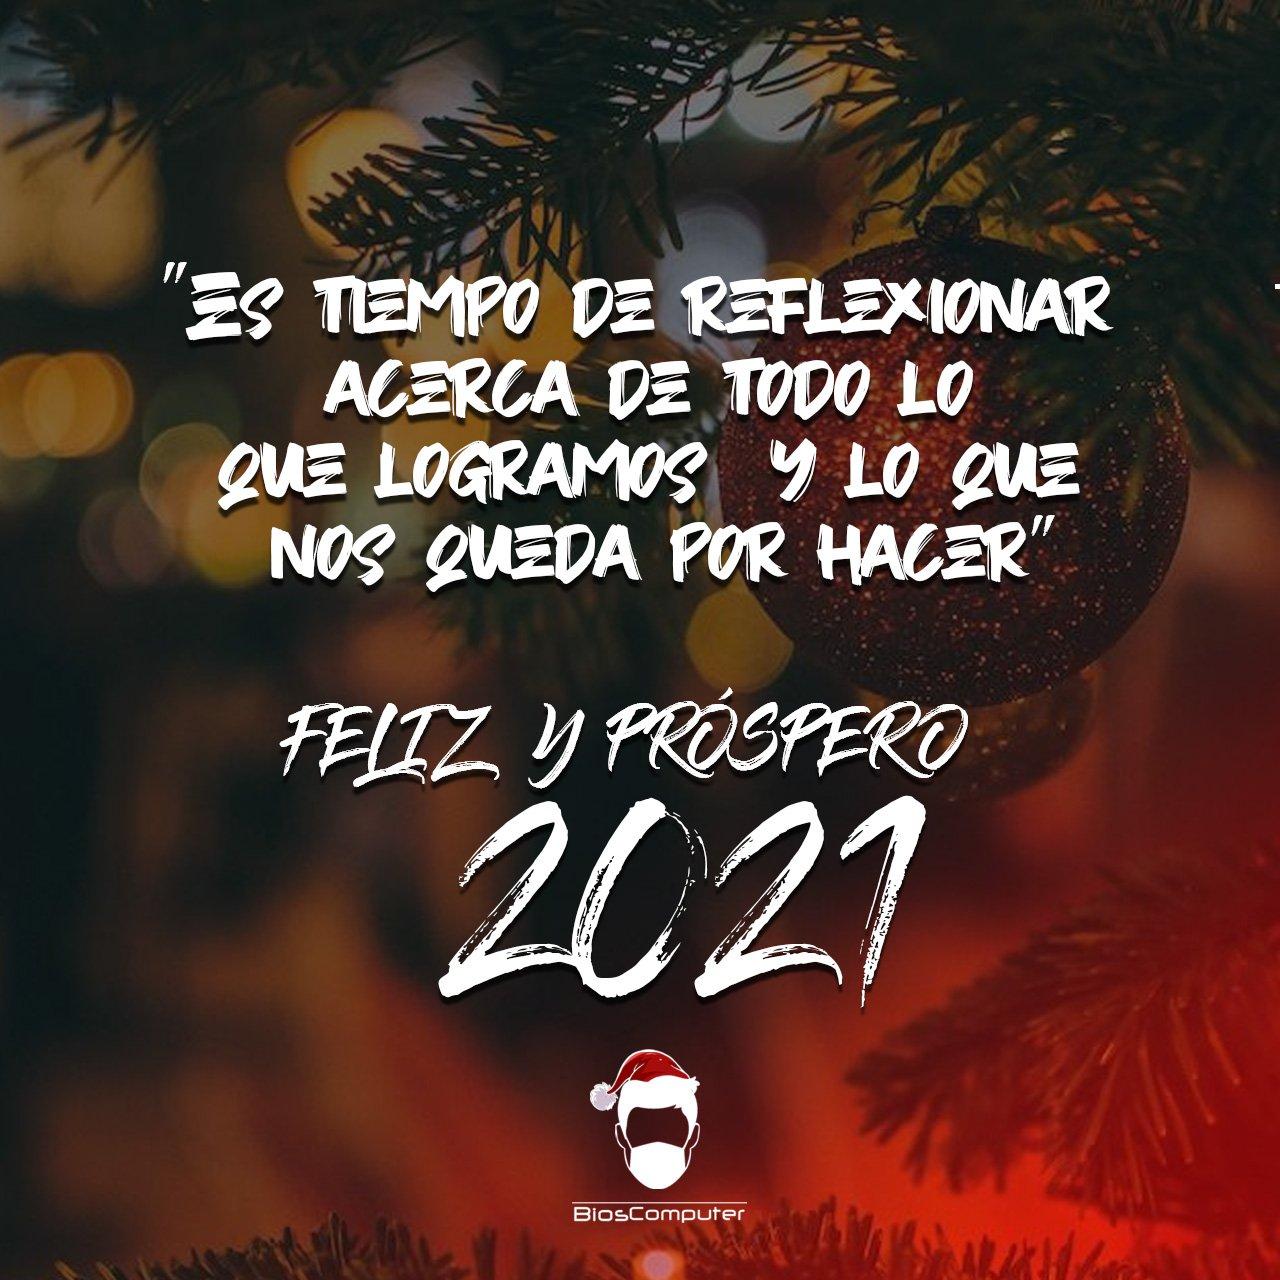 Feliz Navidad y Próspero 2021